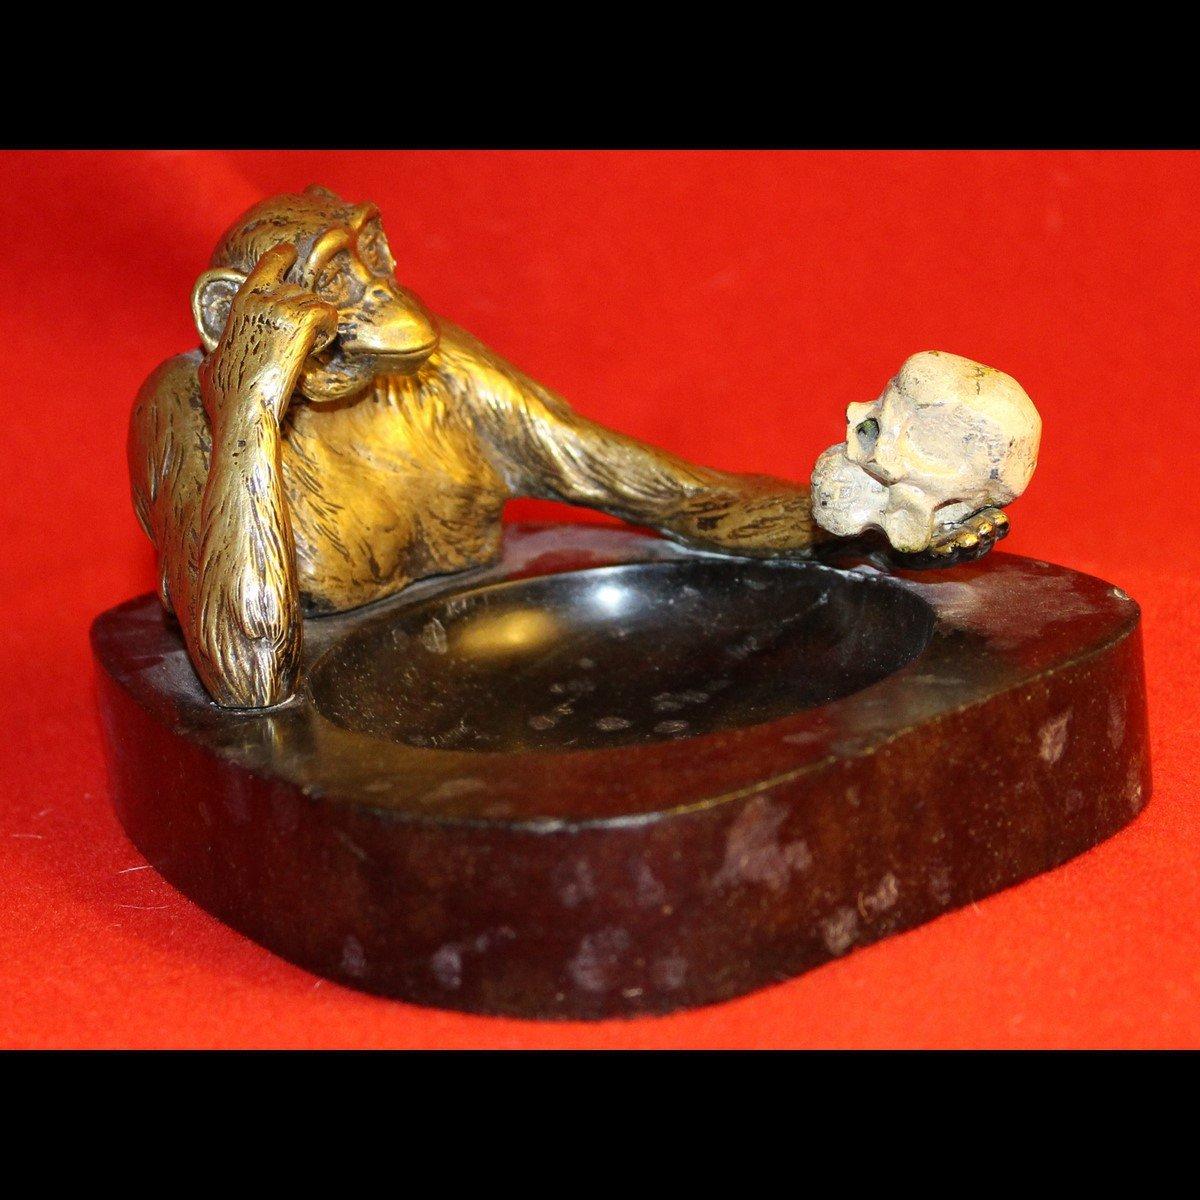 galerie-bosetti-antiquites, sculpture singe vanite, profil droit